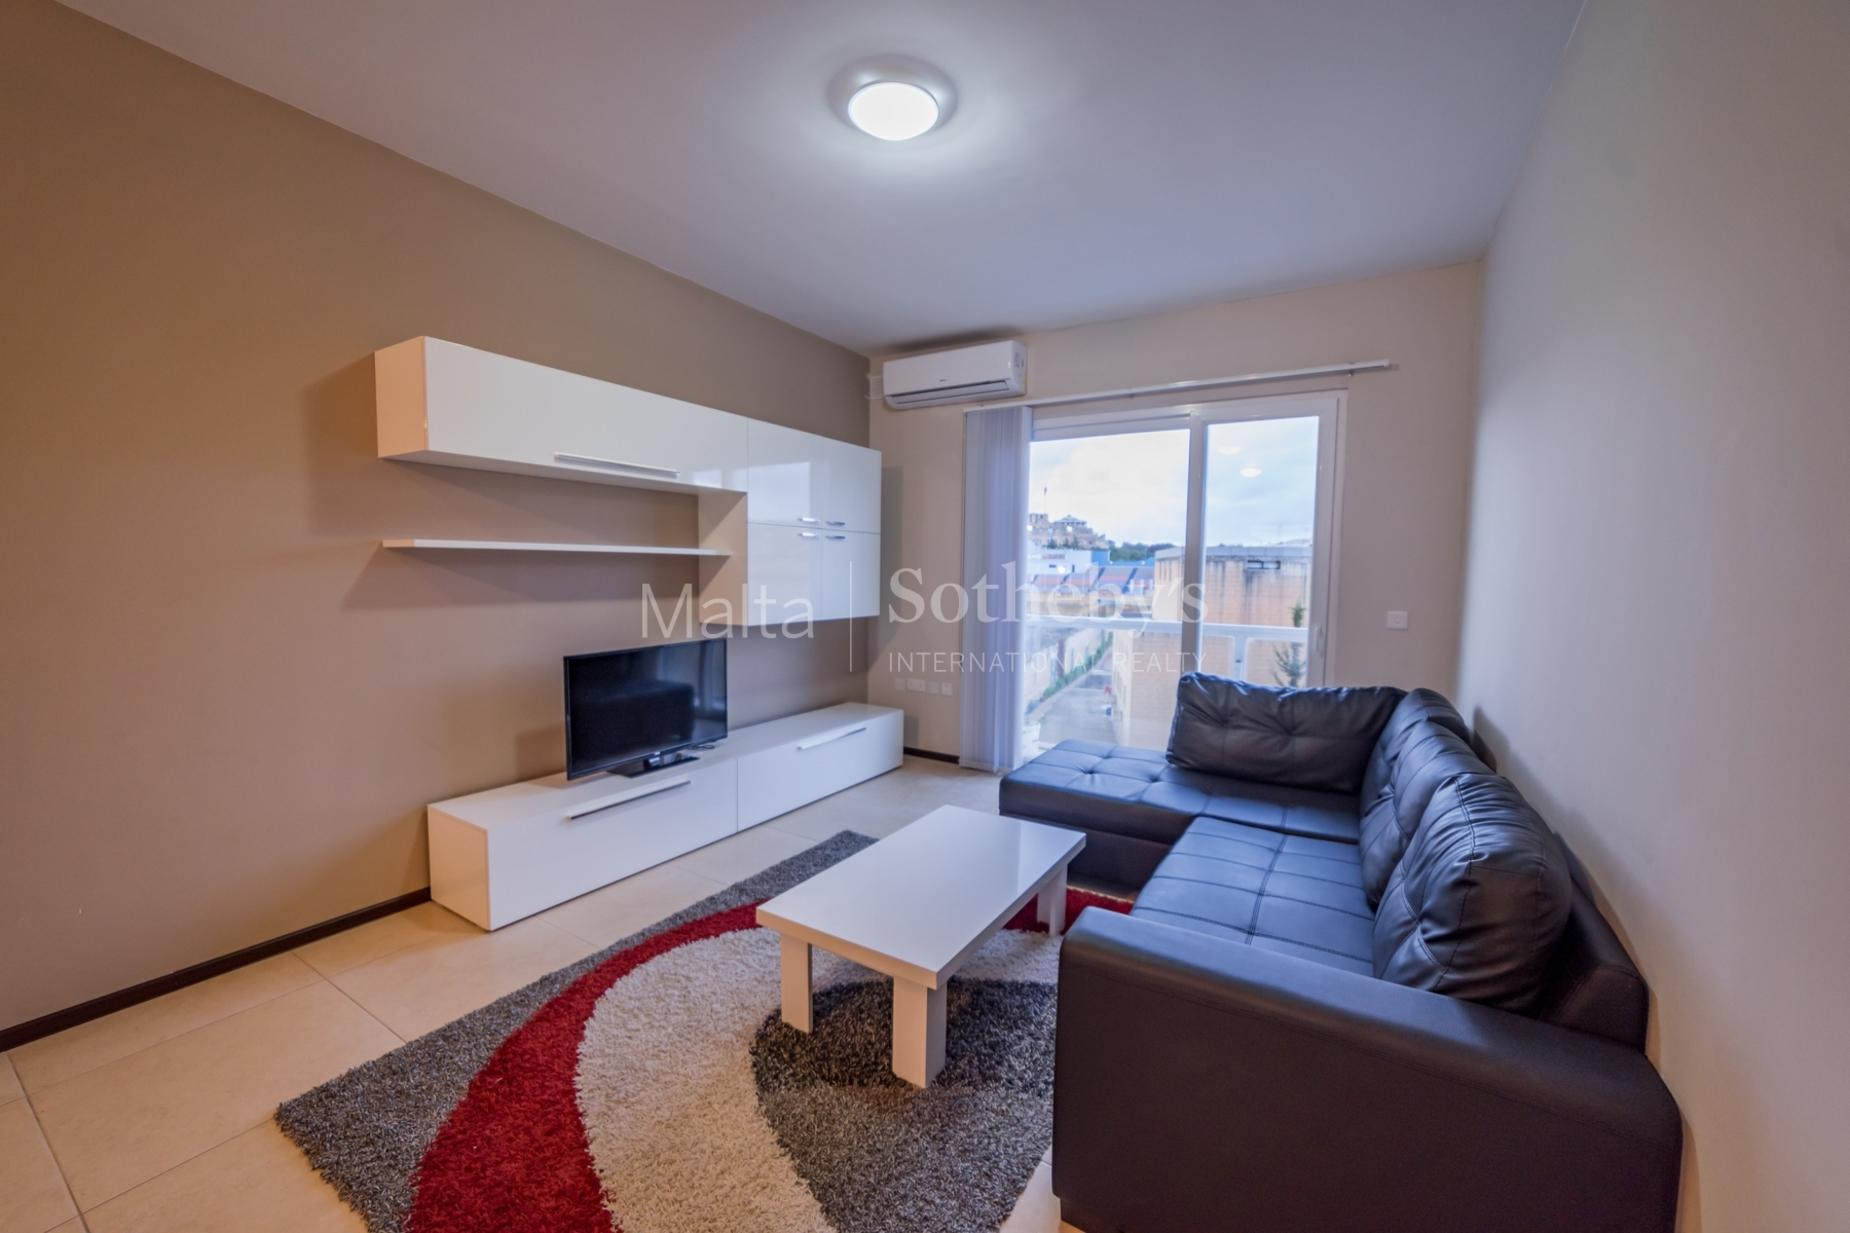 0 bed Apartment For Rent in Gzira, Gzira - thumb 5